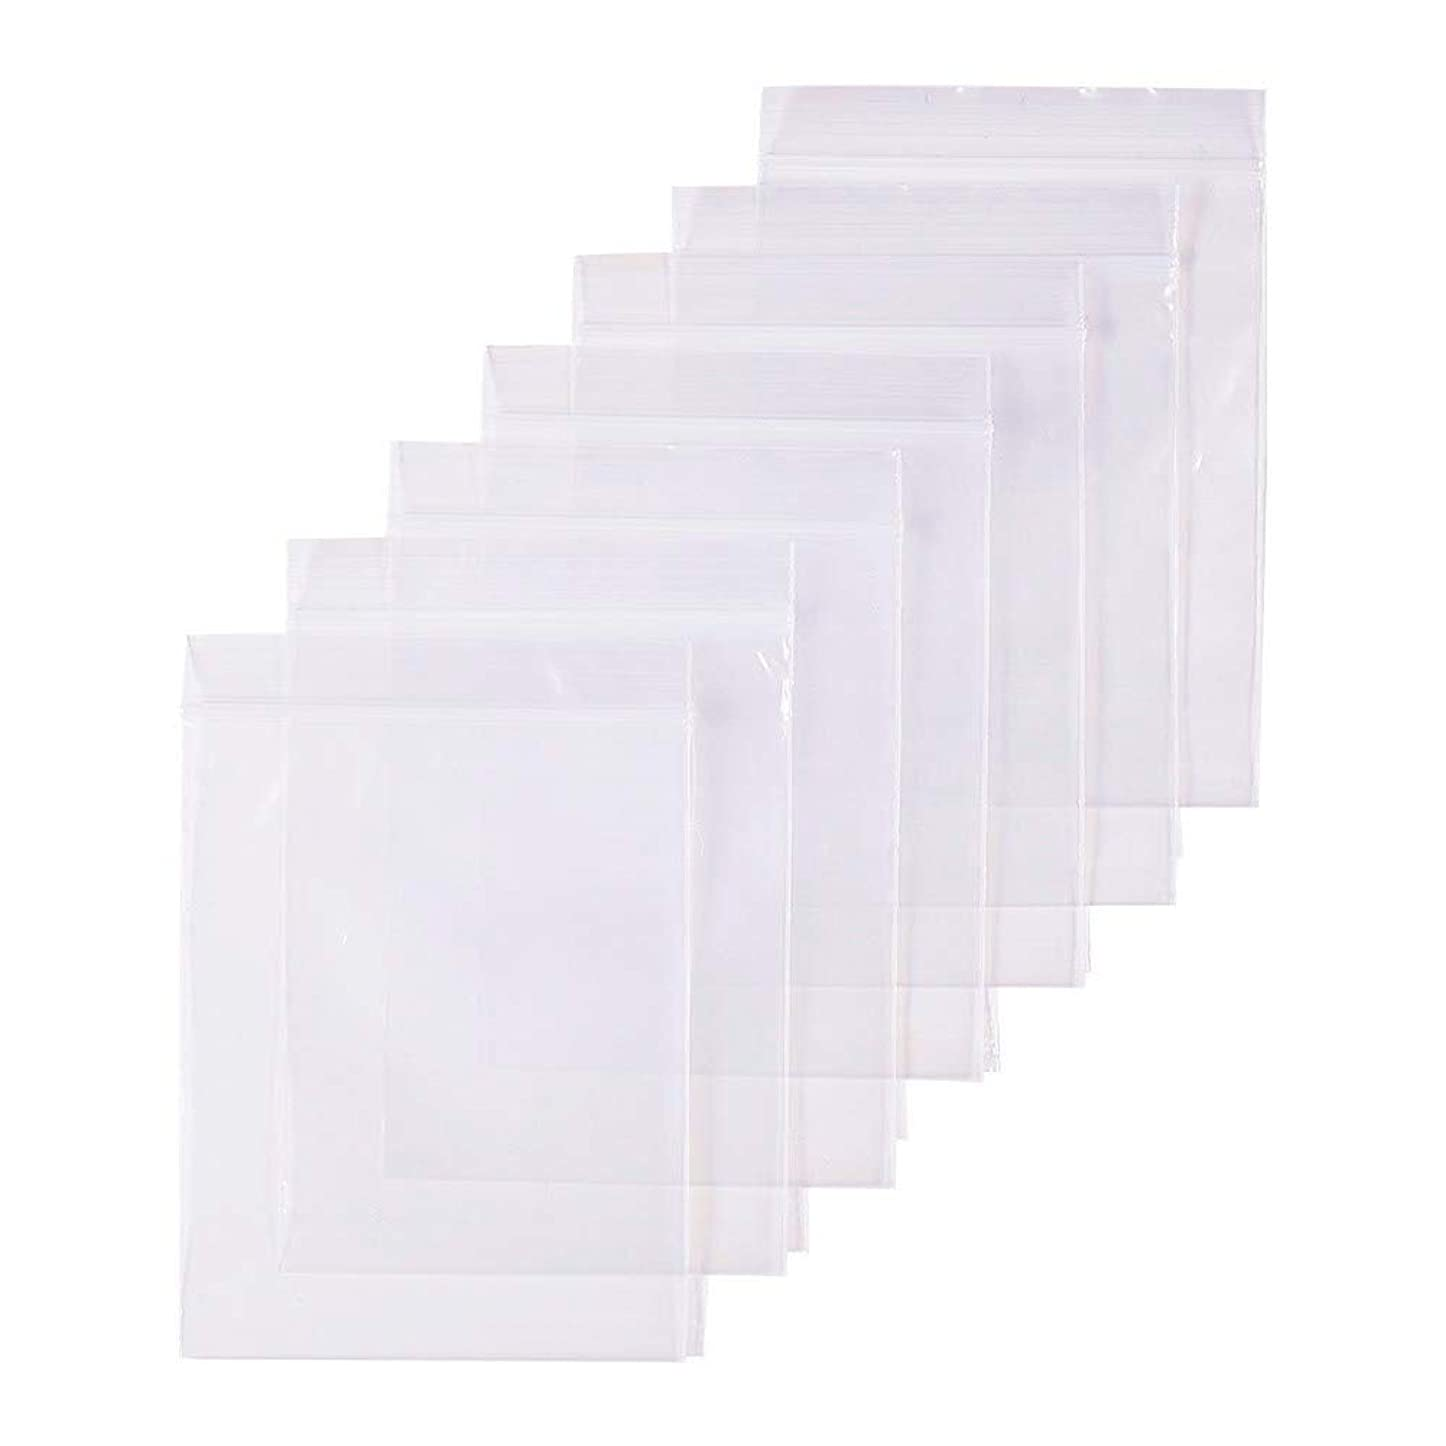 検体更新説得力のある300枚 セット透明 リサイクル可能プラスチック袋チャック付ポリ袋 密封保存袋